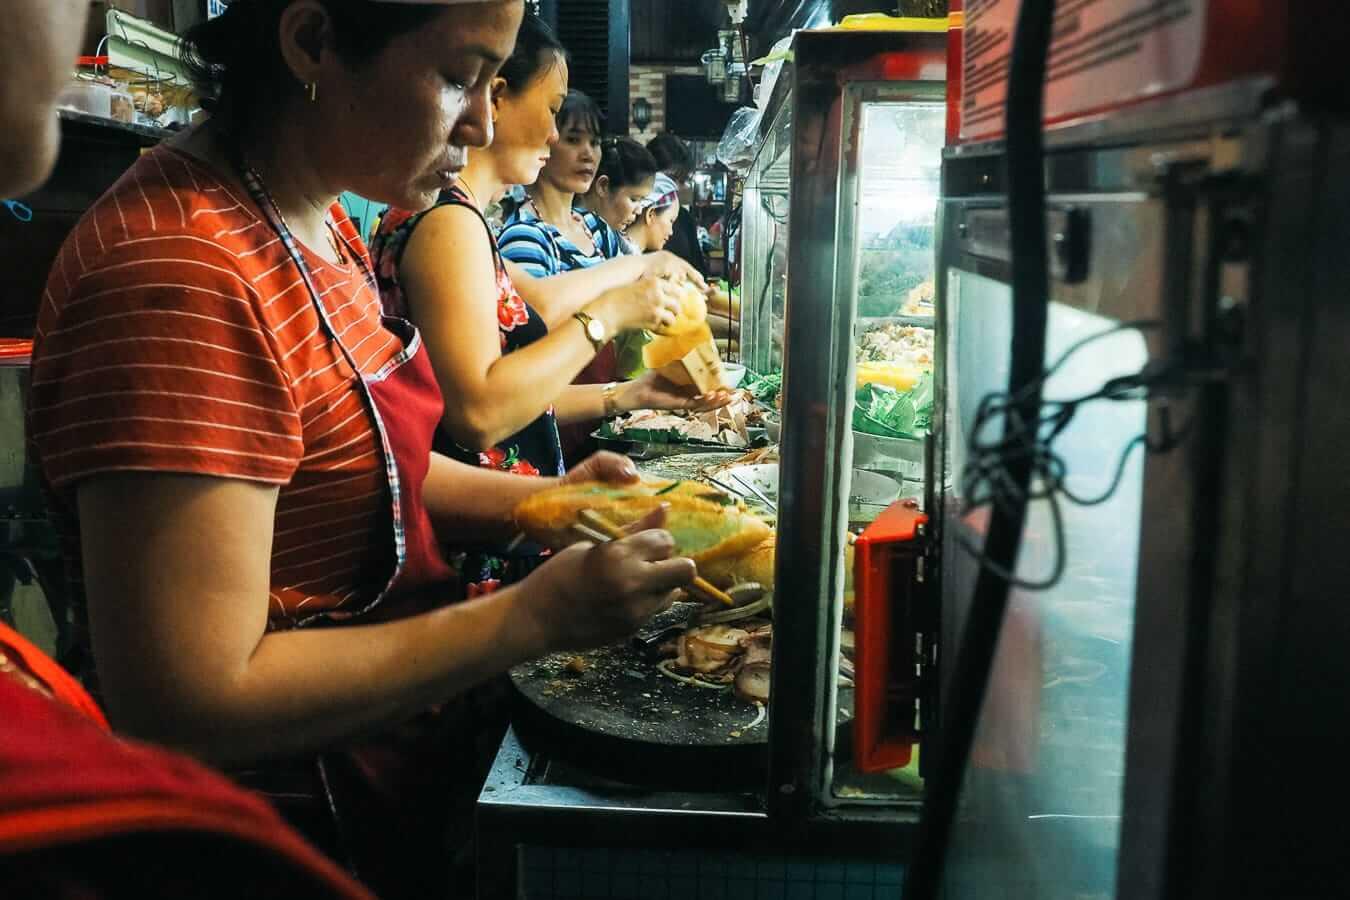 Bahn Mi Phuong: Hoi An specialities